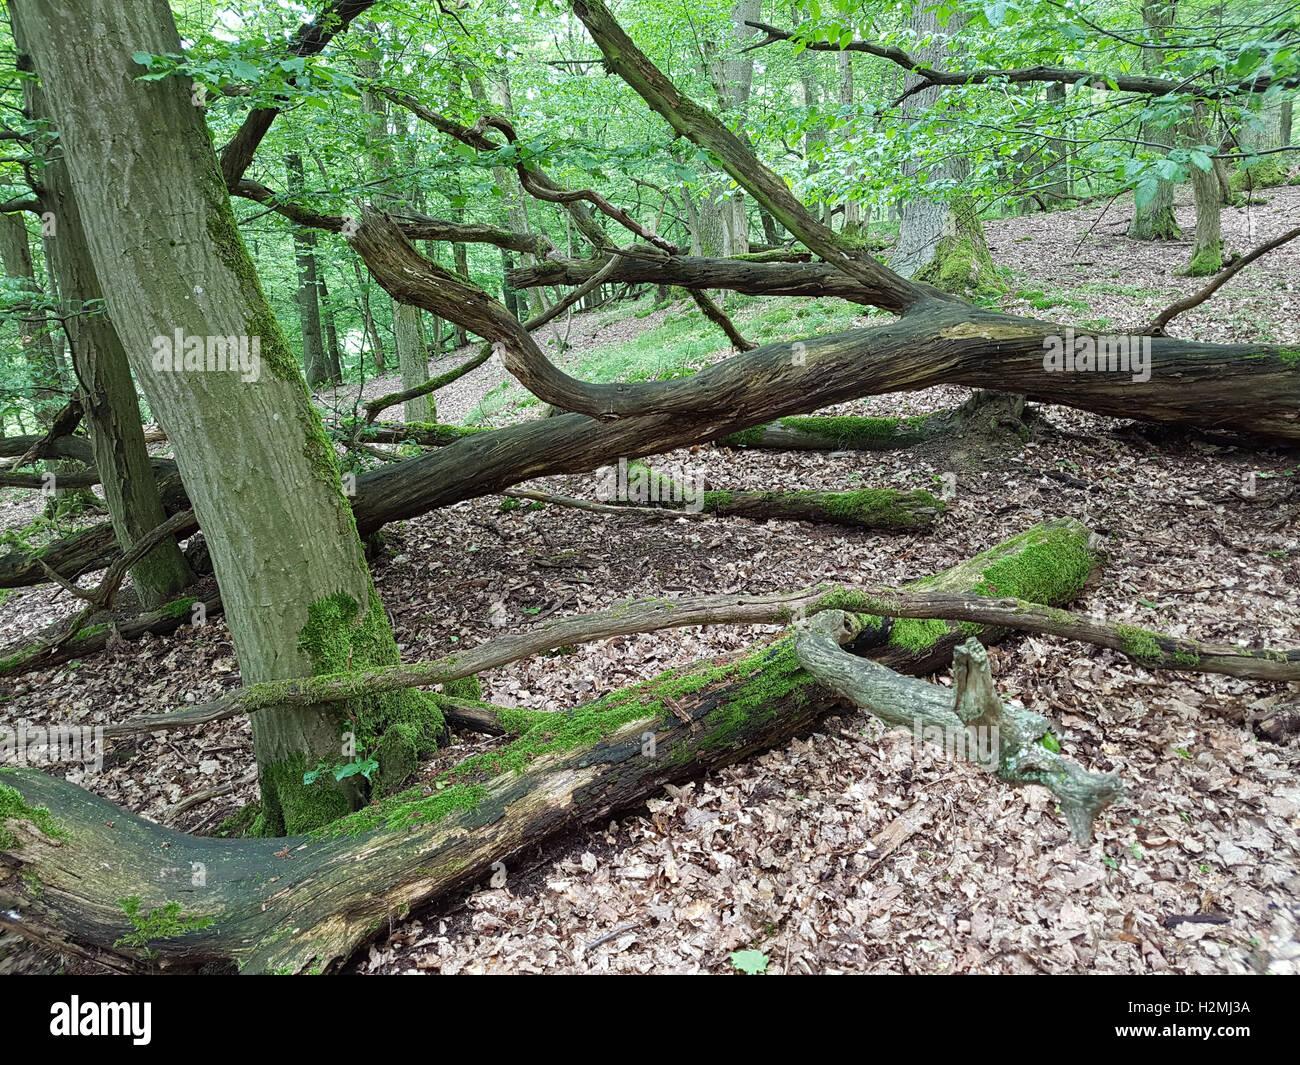 Totholz, Baumstamm - Stock Image